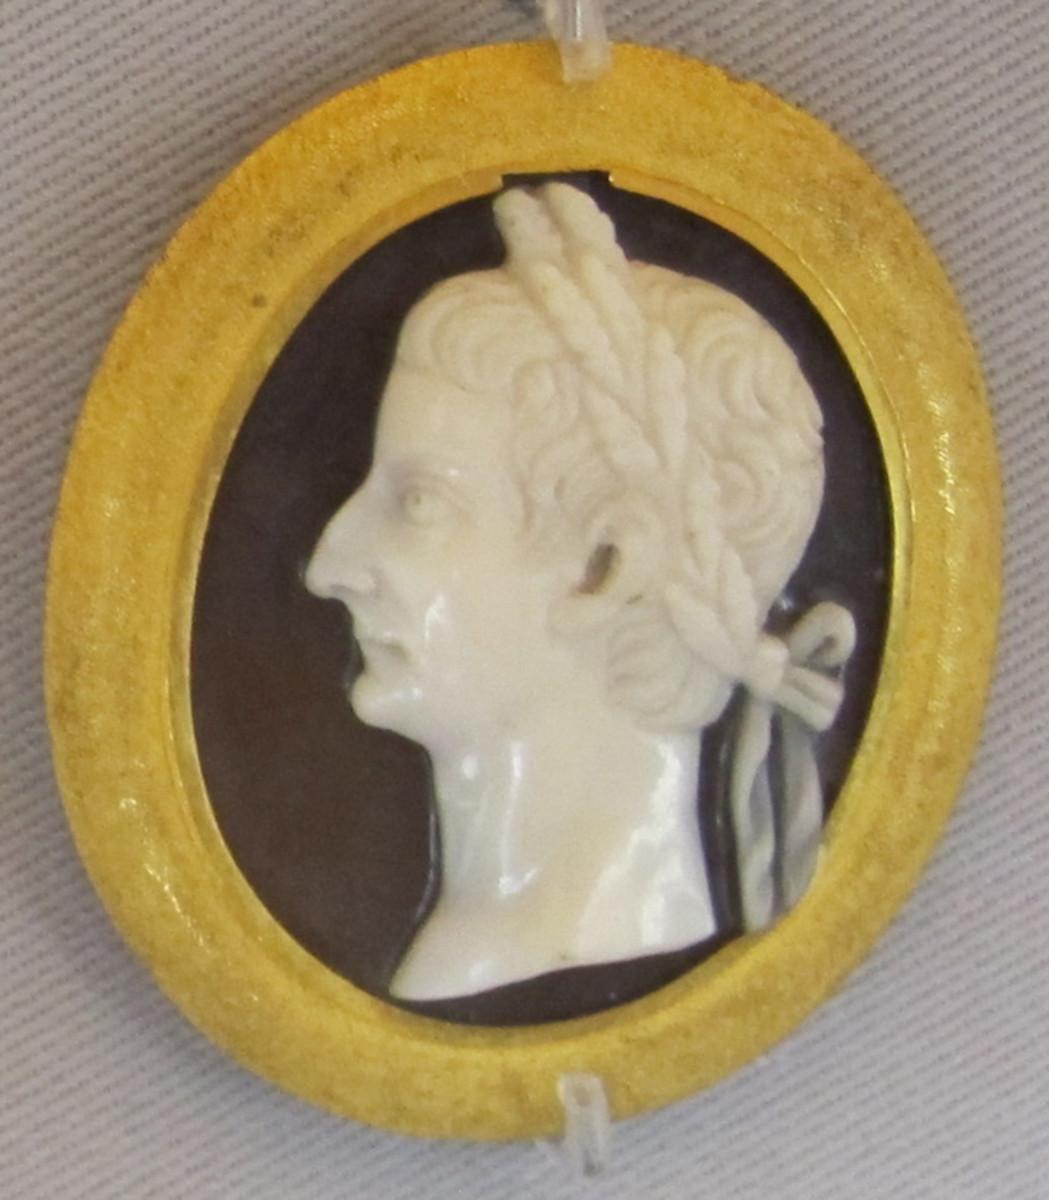 Roman Emperor Tiberius (42 B.C. - 37 A.D.)